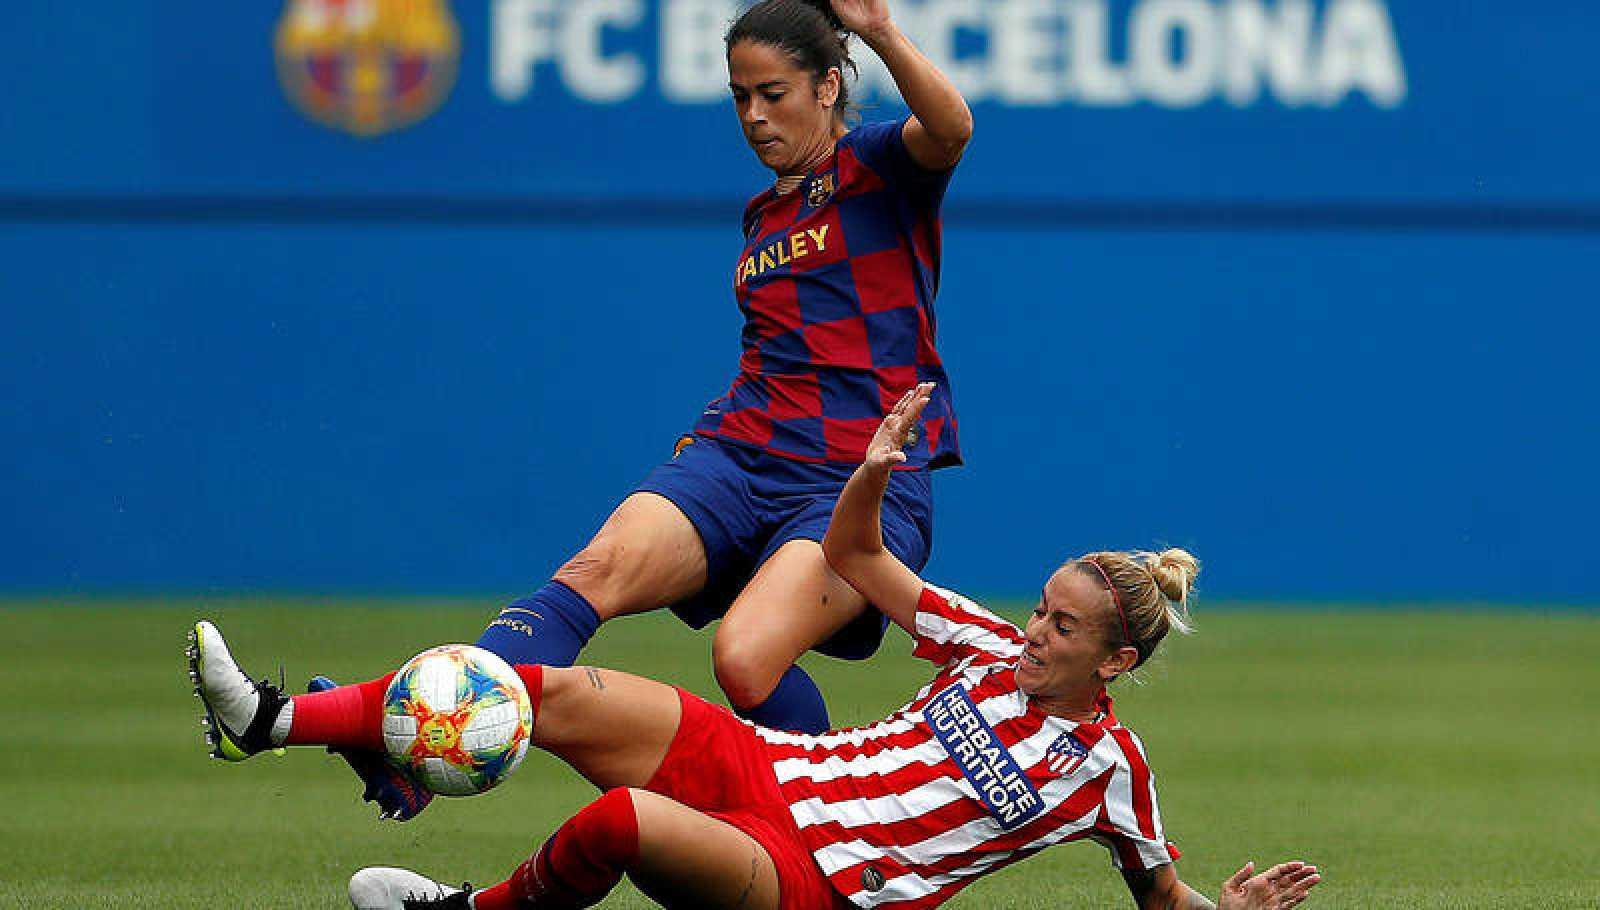 La jugadora del FC Barcelona, Marta, pugna con Menayo, del Atlético de Madrid.